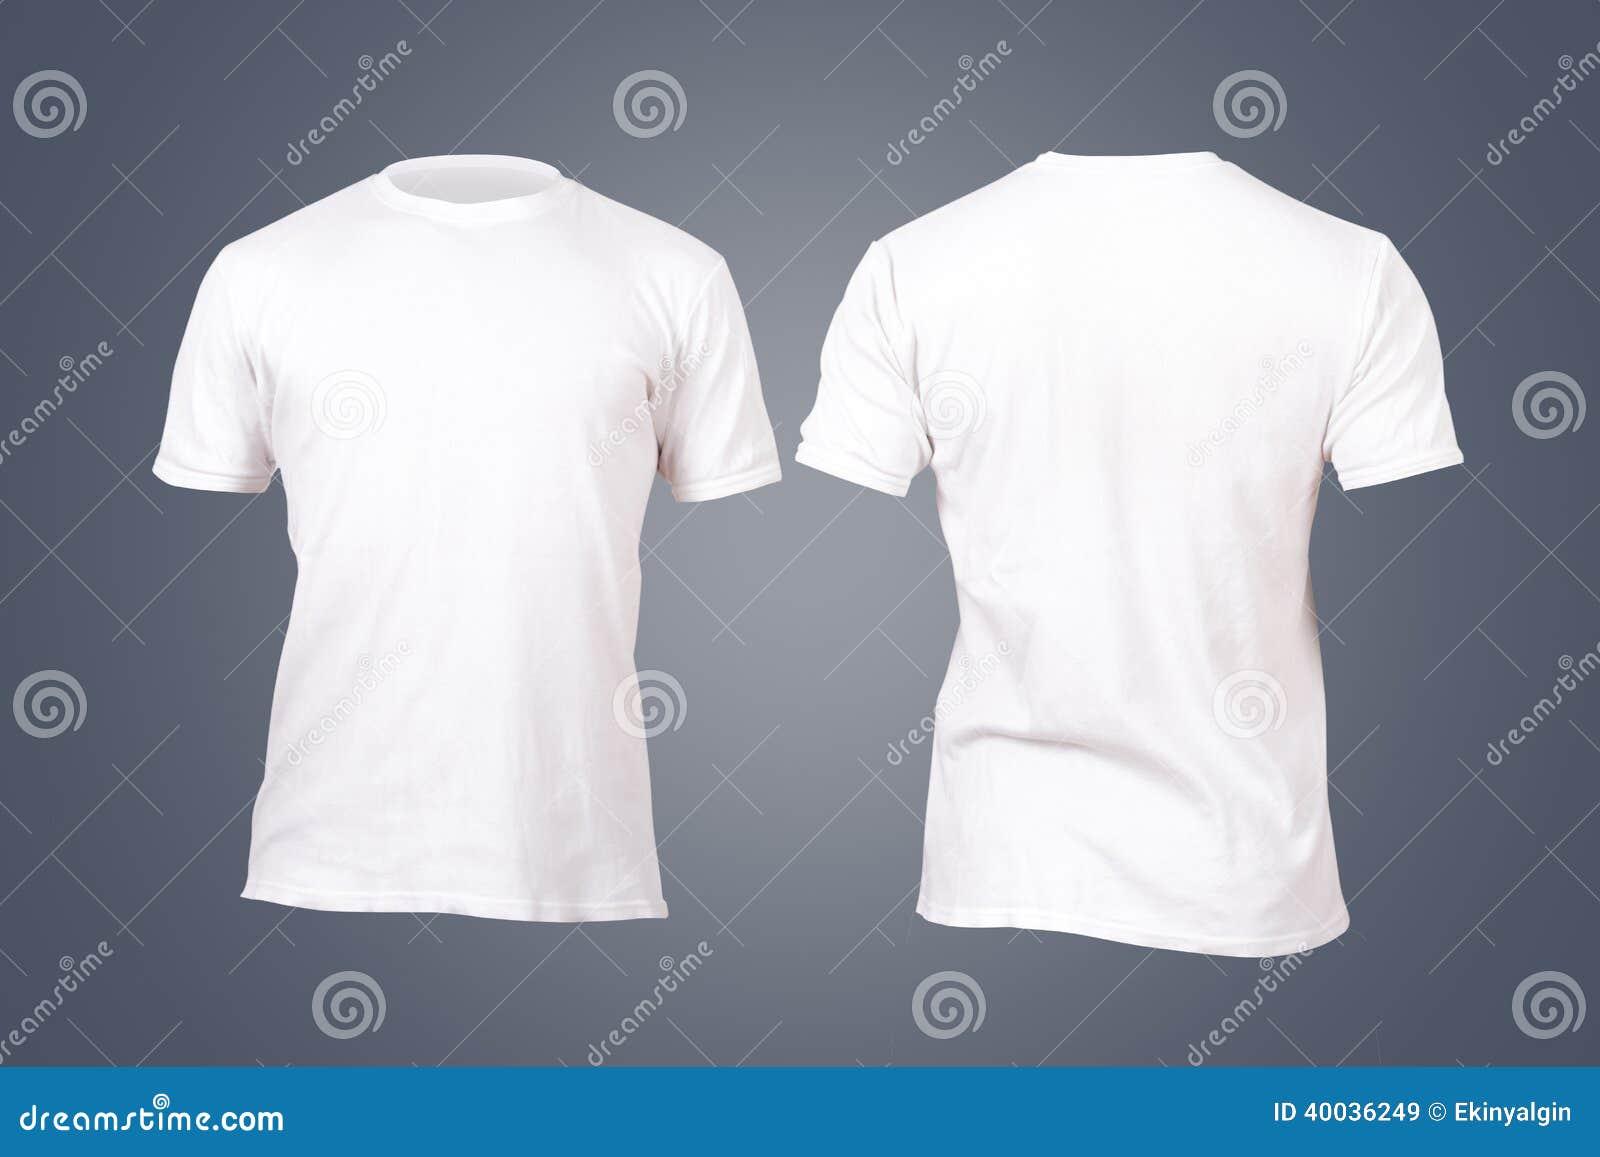 Beste Schablonent Shirt Bilder - Beispiel Business Lebenslauf Ideen ...